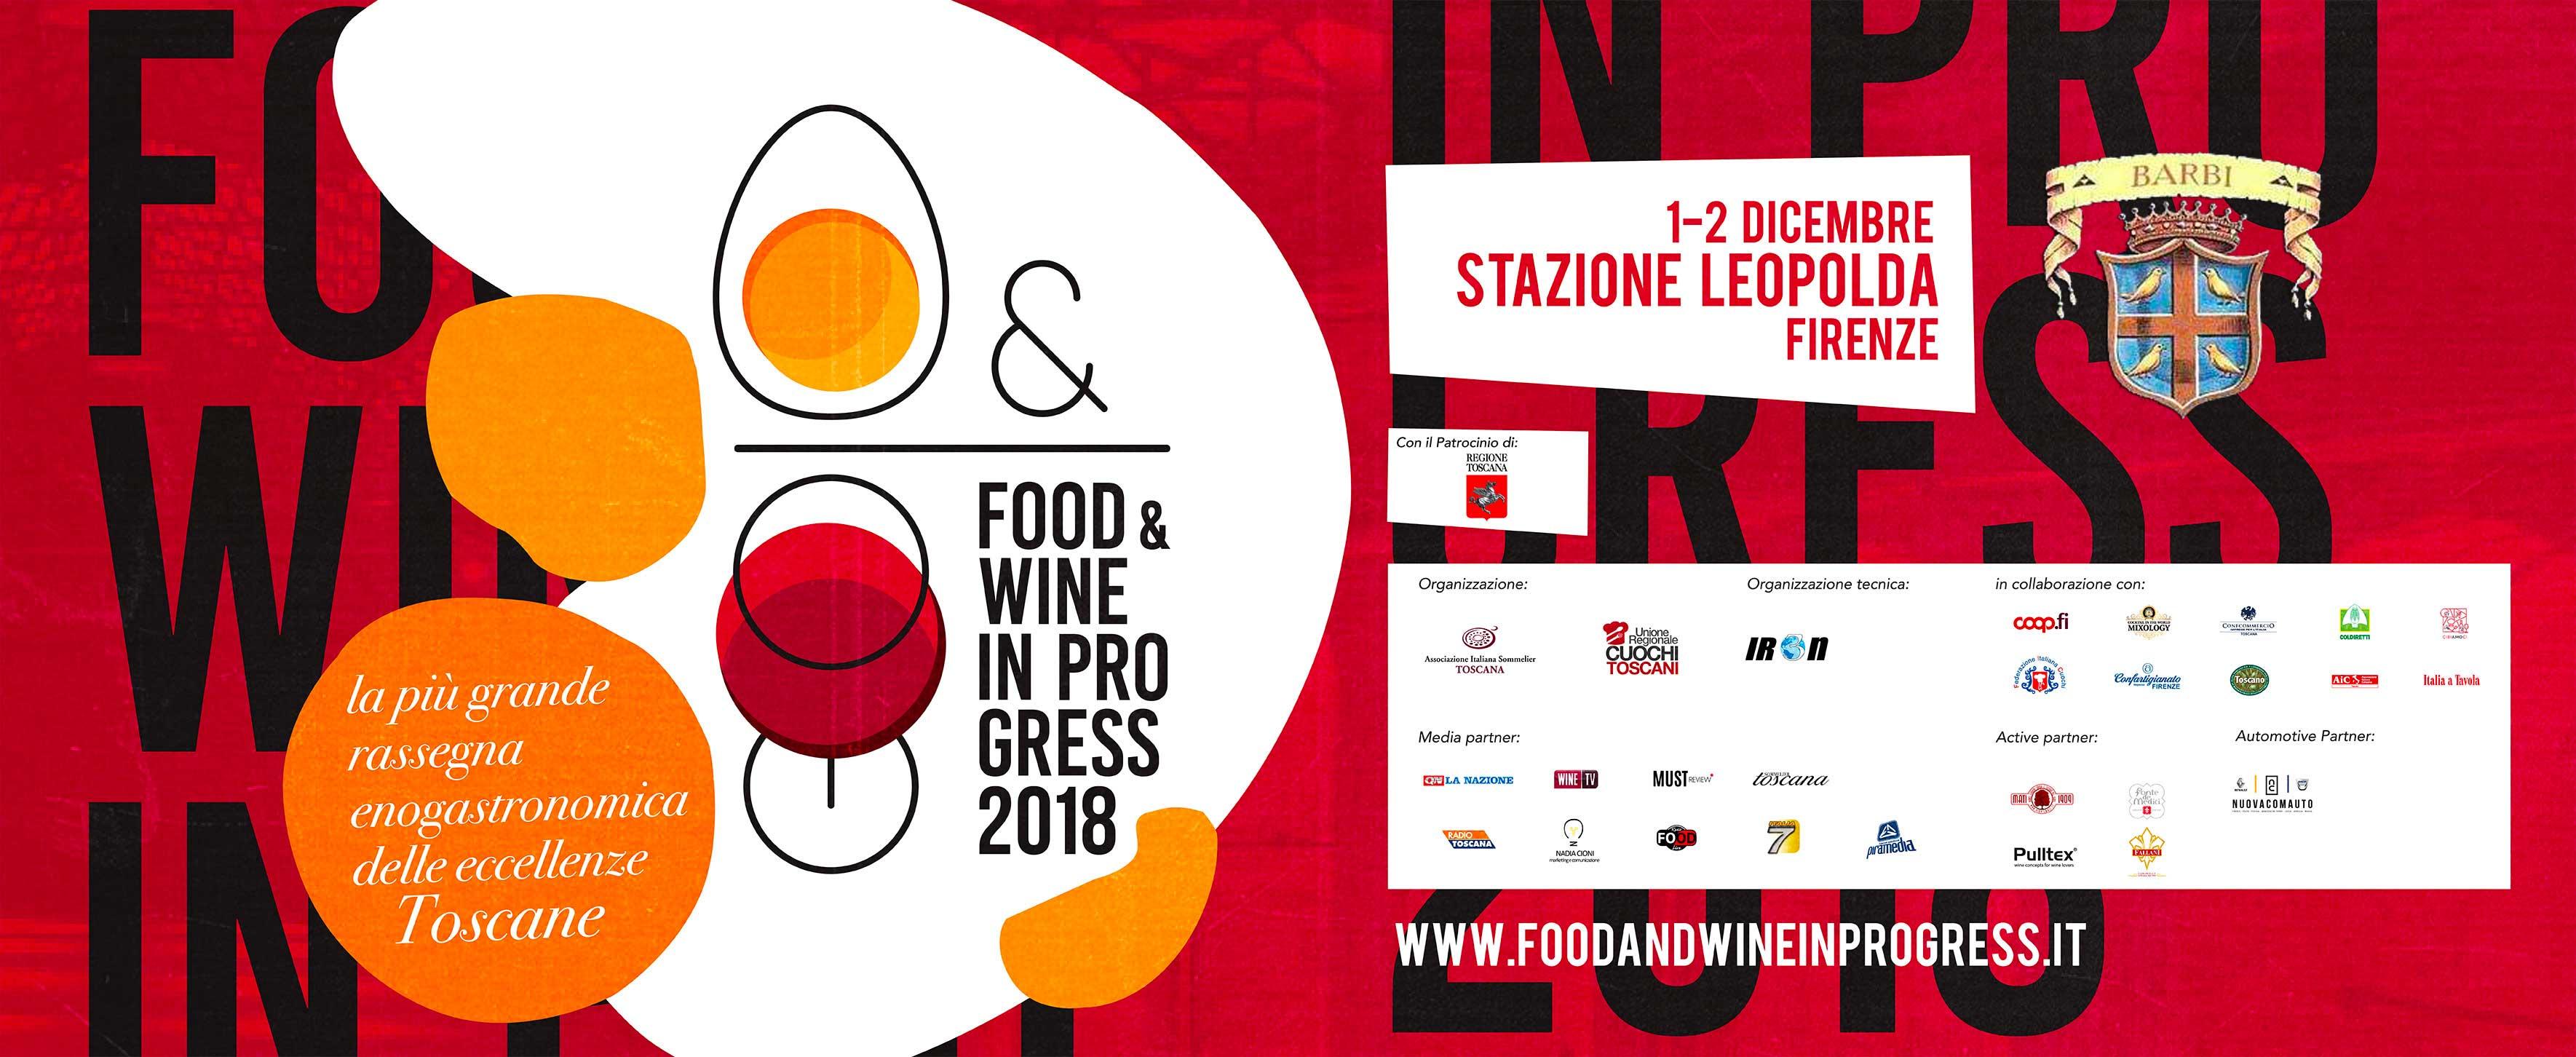 Fattoria dei Barbi presente al Food & Wine in Progress 2018